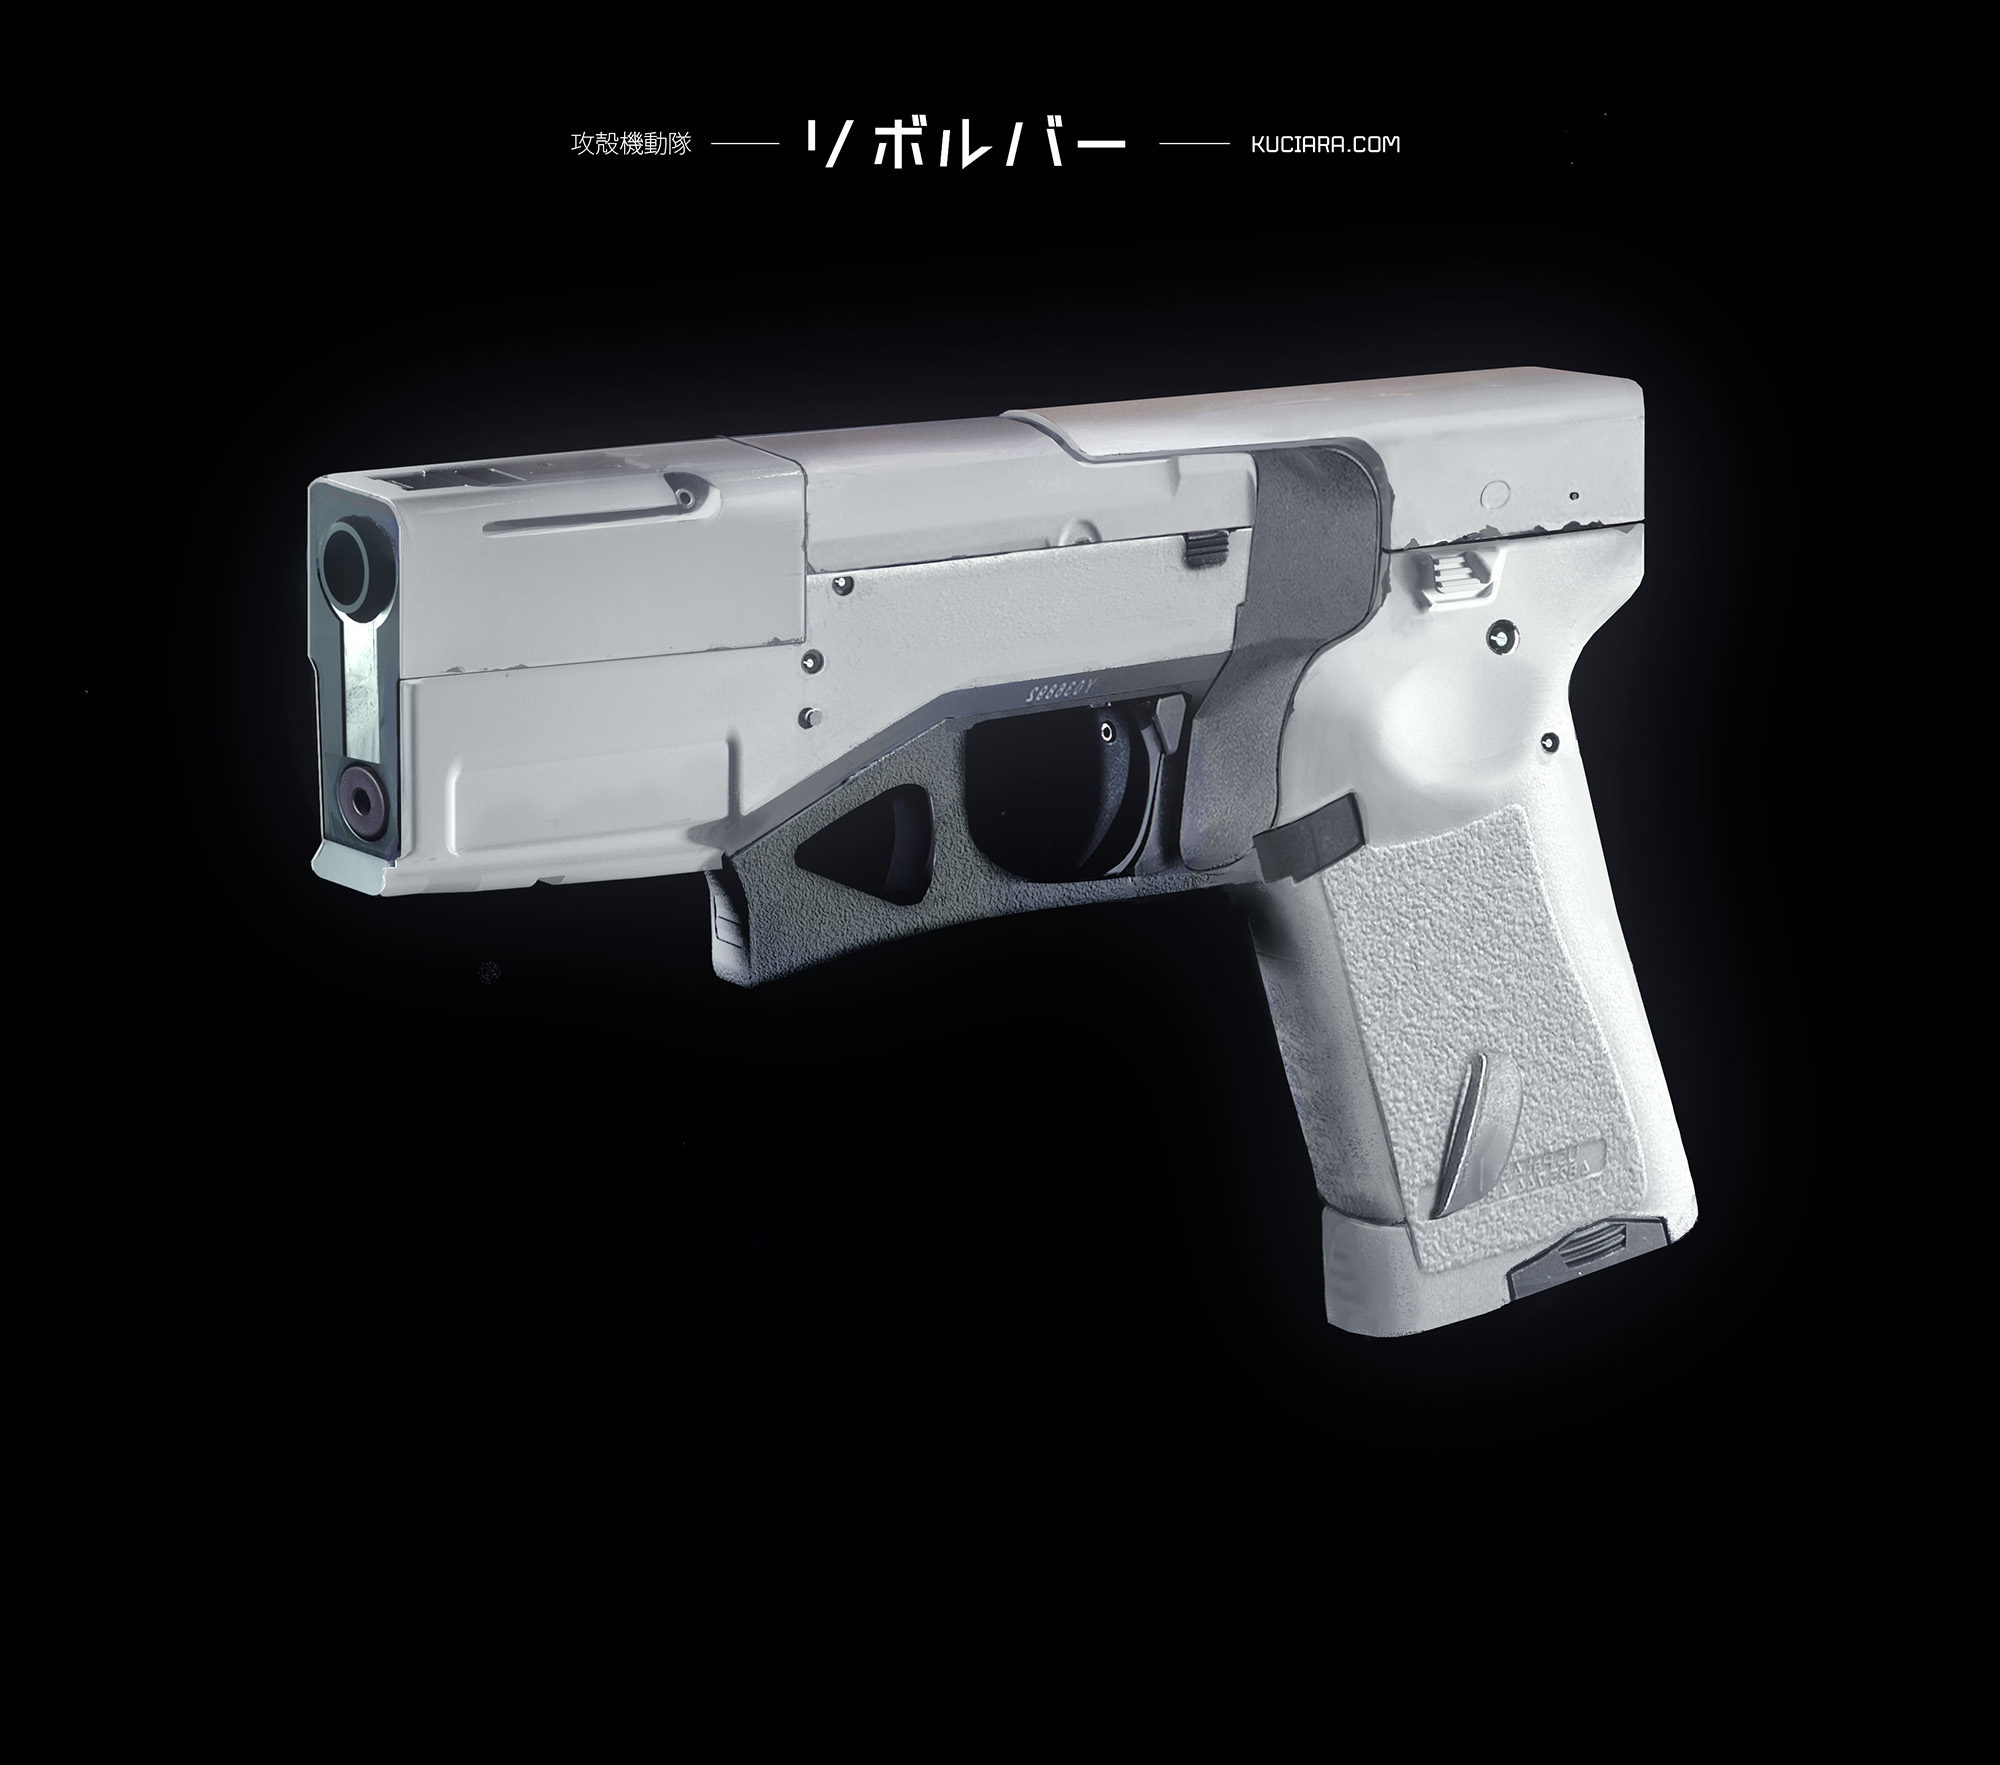 092115_WPN_Major_Pistol_MK_v001D.jpg